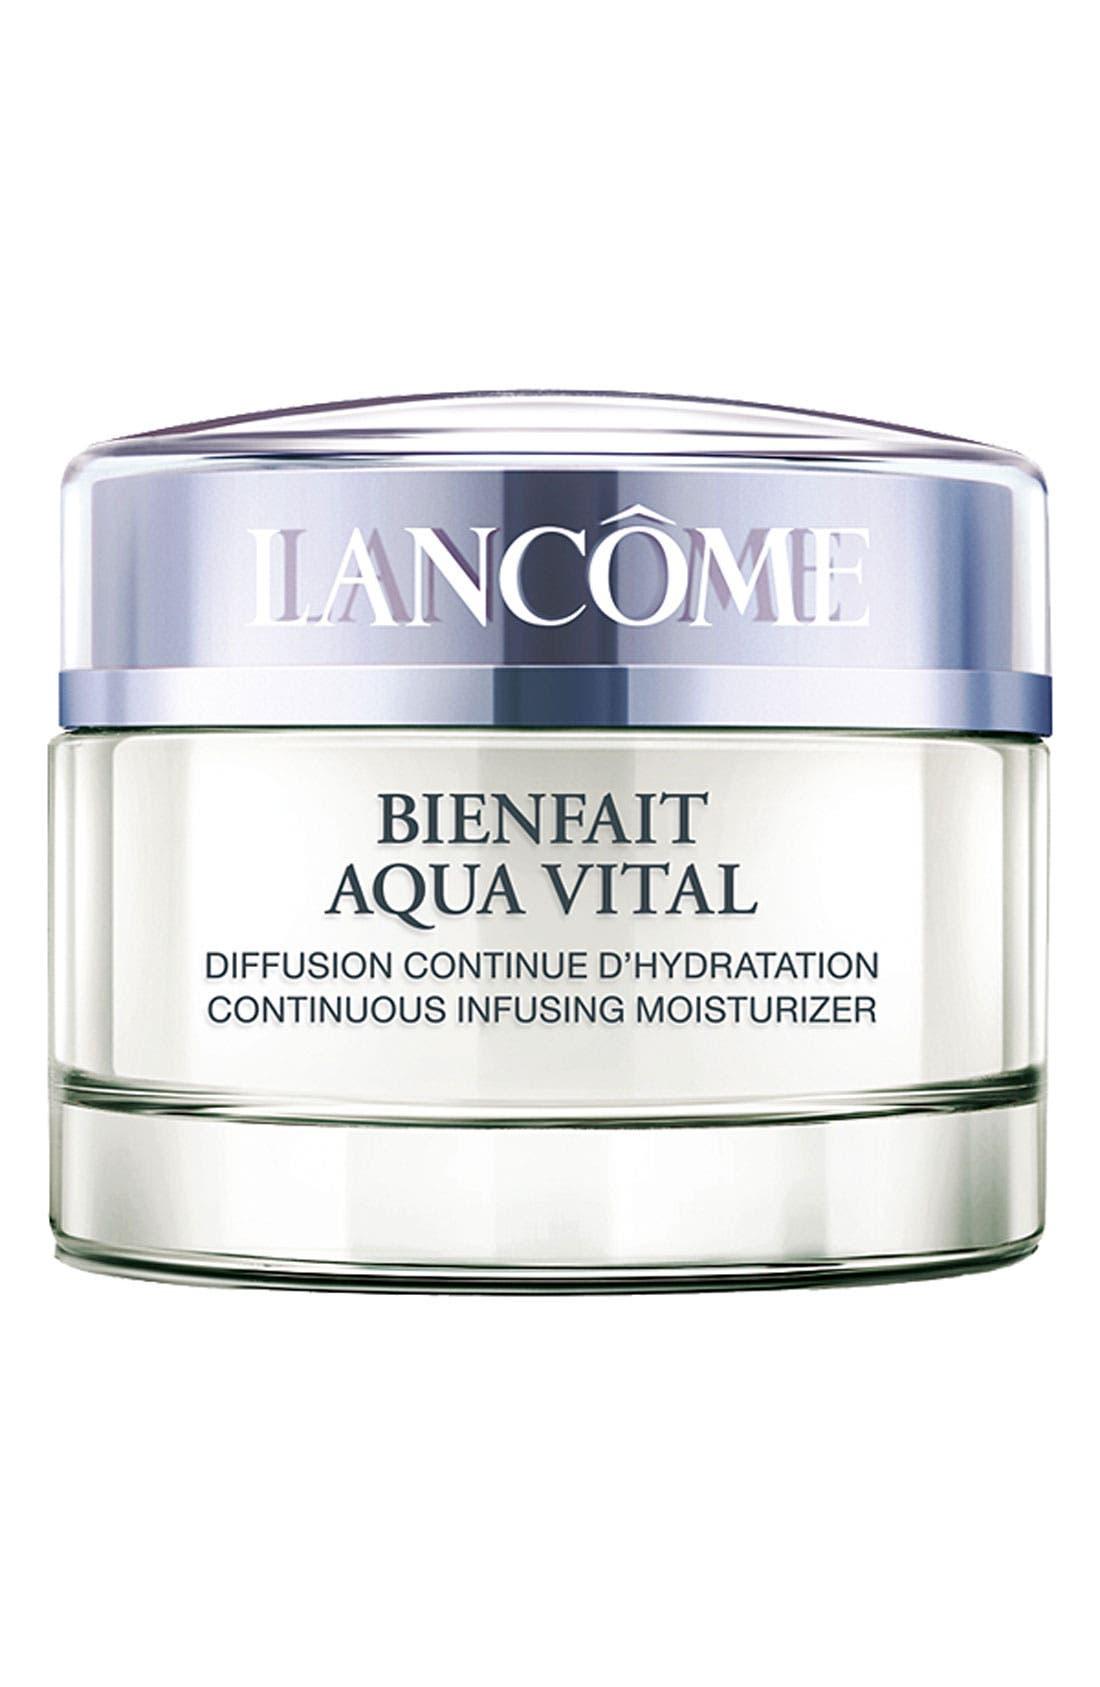 Bienfait Aqua Vital Continuous Infusing Moisturizer Cream,                             Main thumbnail 1, color,                             NO COLOR